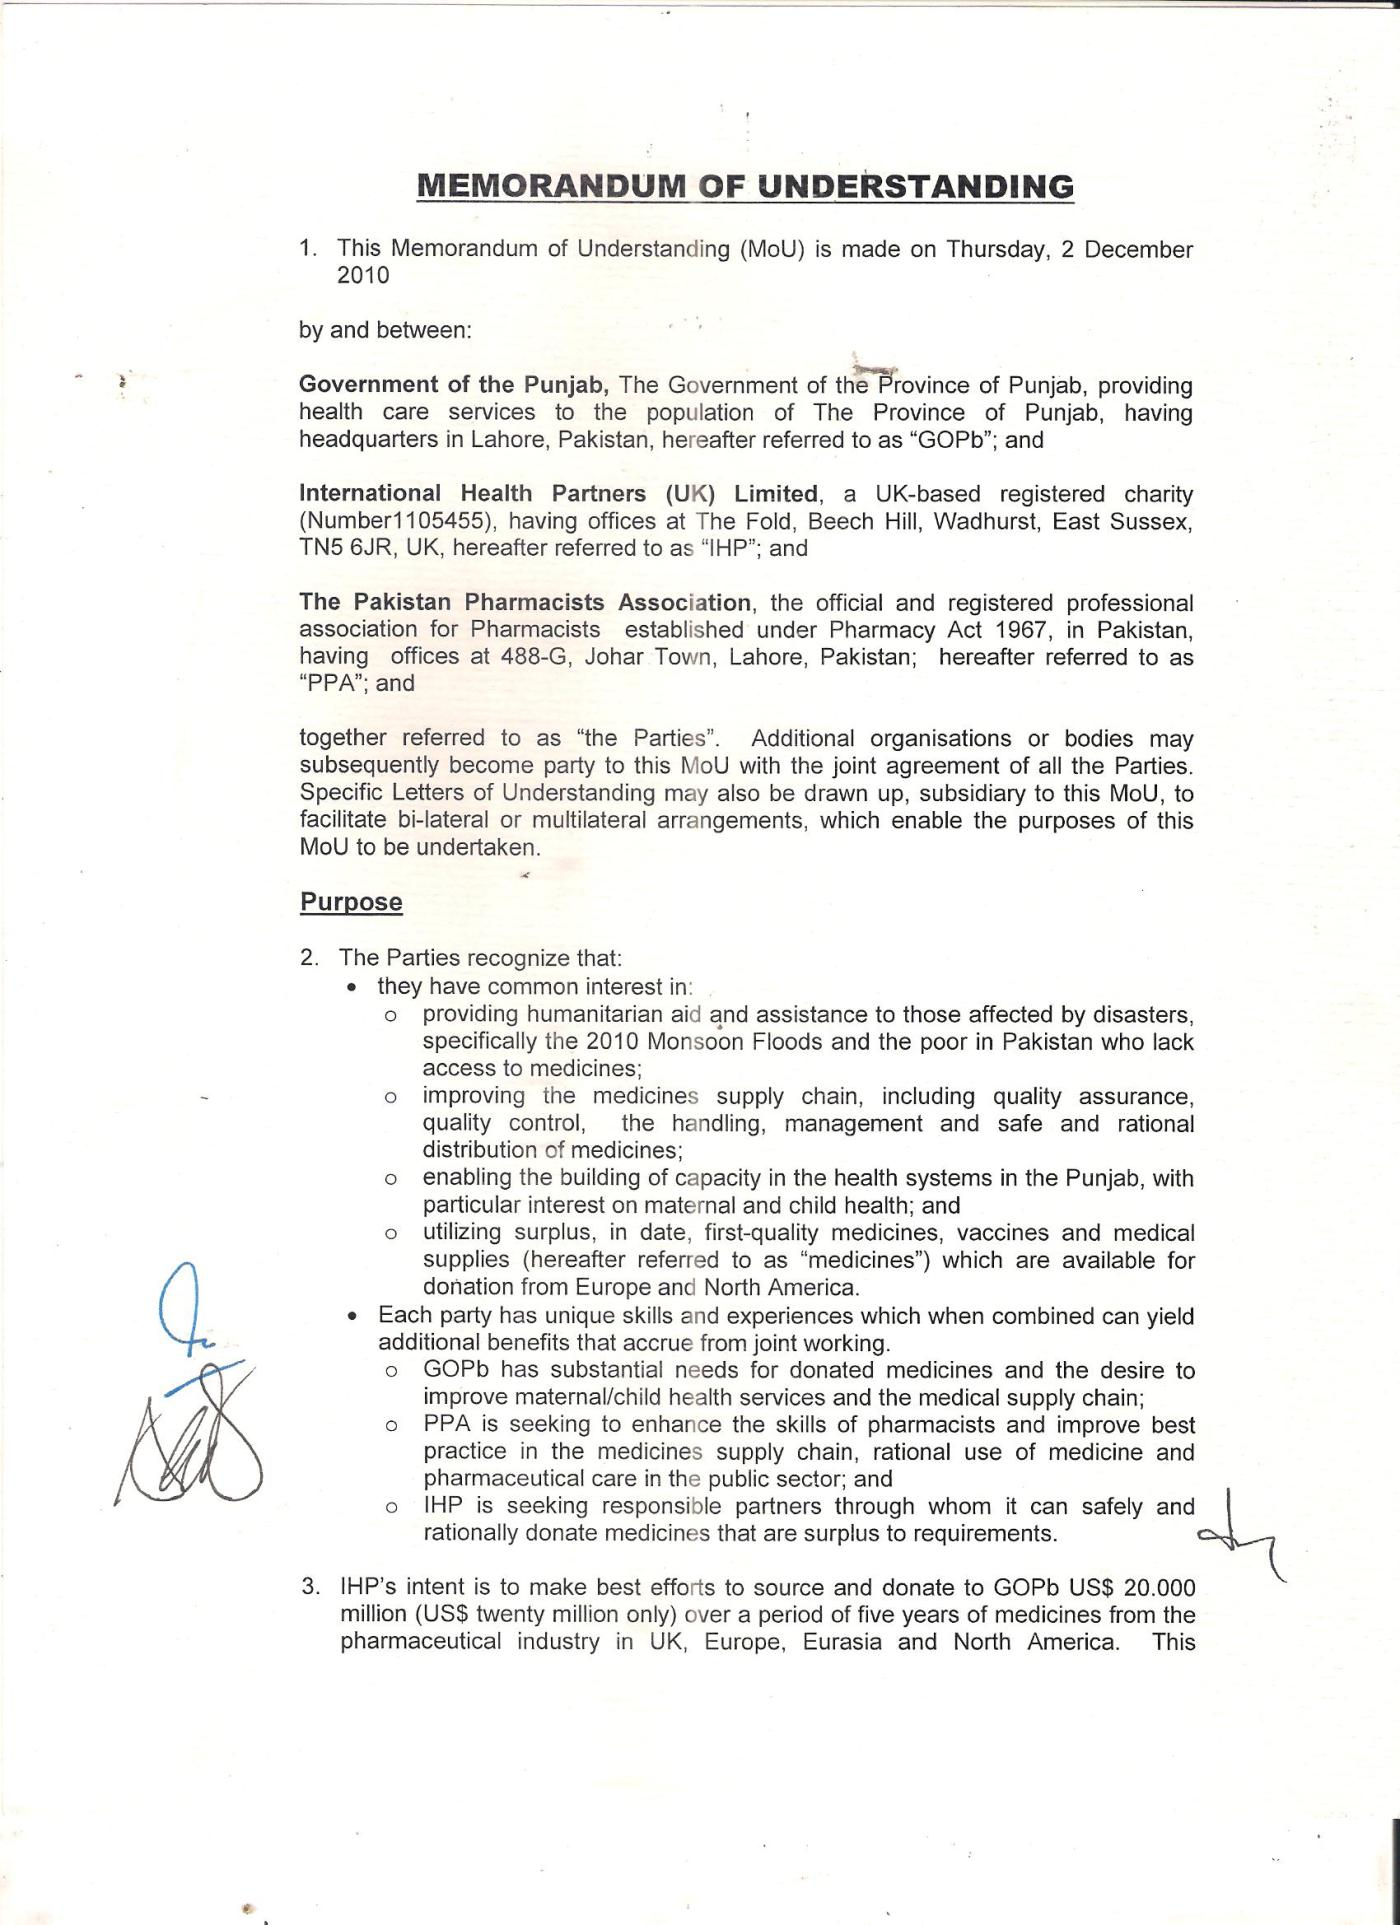 Memorandum Of Understanding (MOU) Between Pakistan